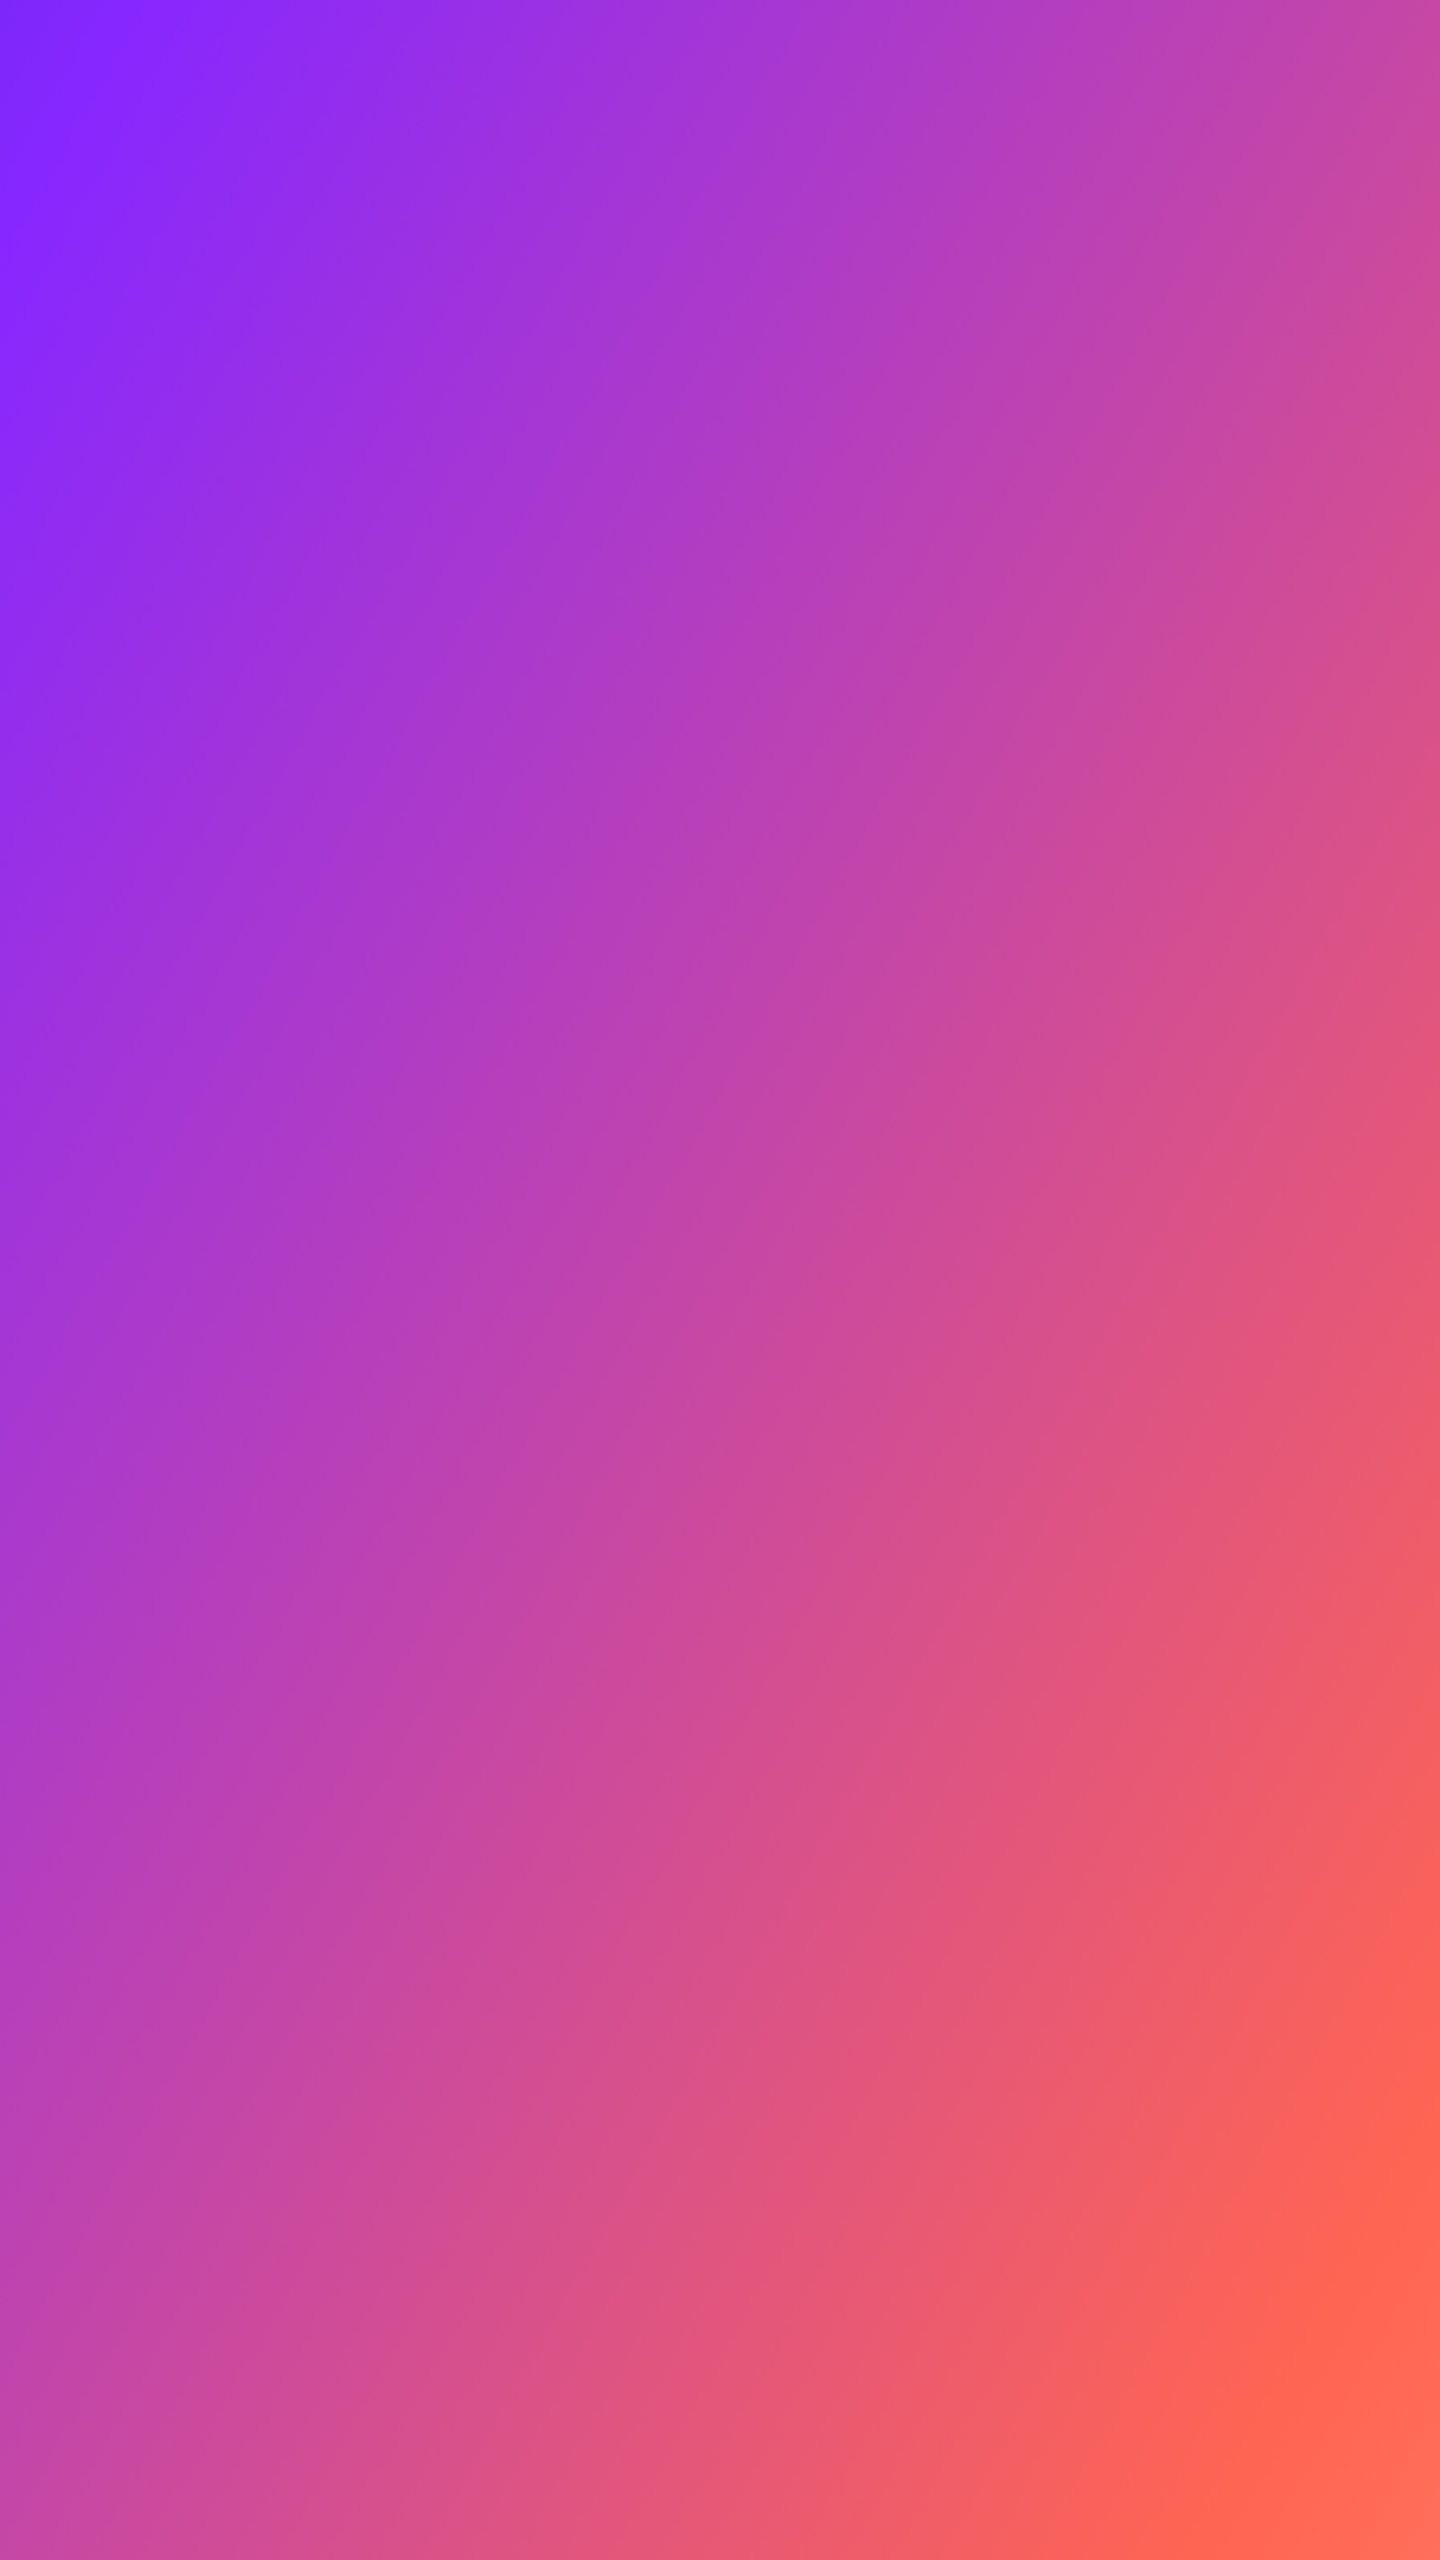 عکس زمینه شیب و طیف رنگ قرمز صورتی و بنفش پس زمینه